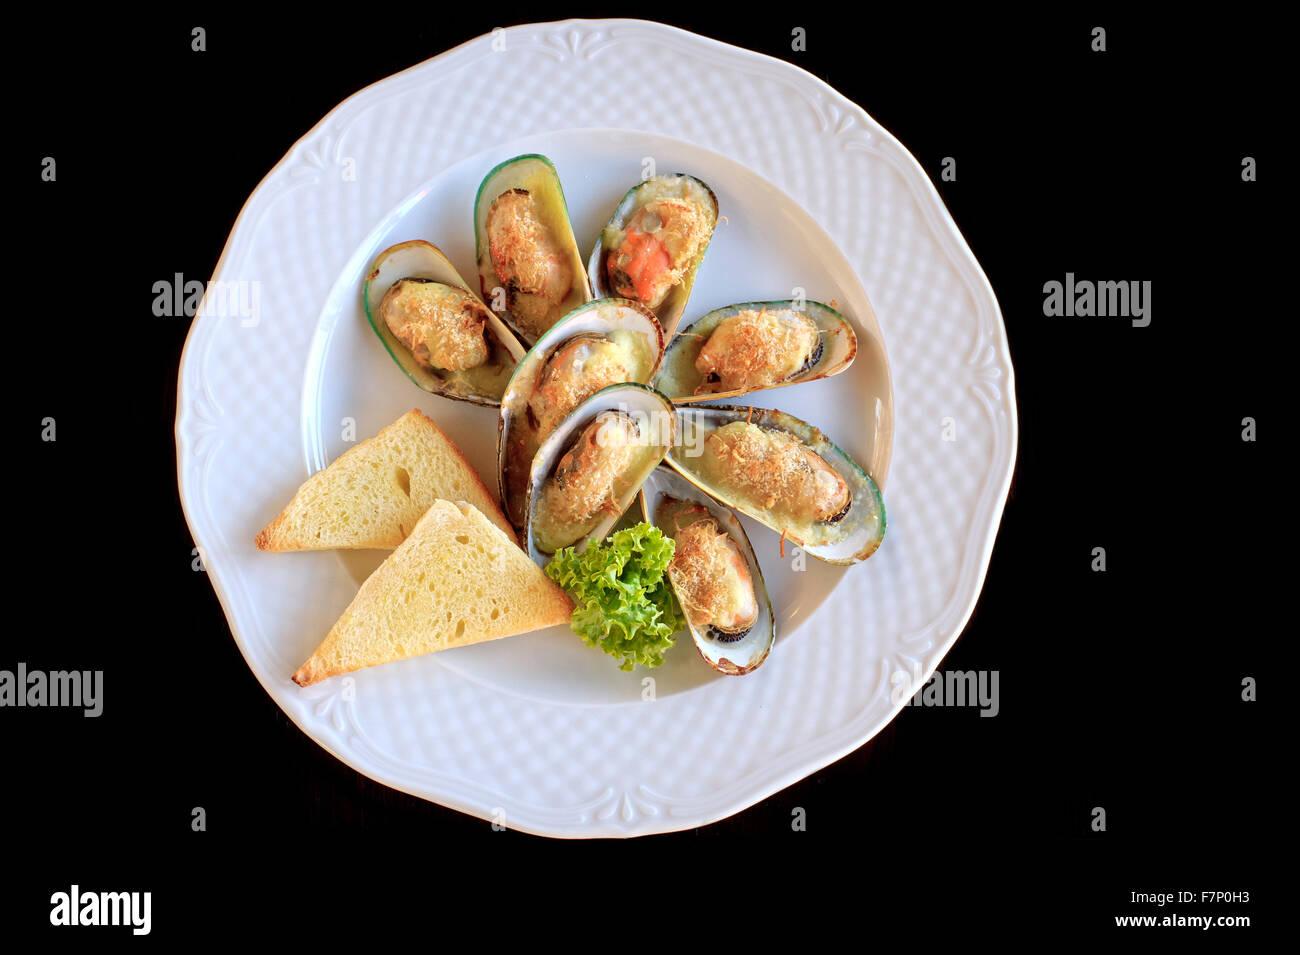 Grosses moules frites avec du fromage et du pain grillé en plaque blanche Banque D'Images